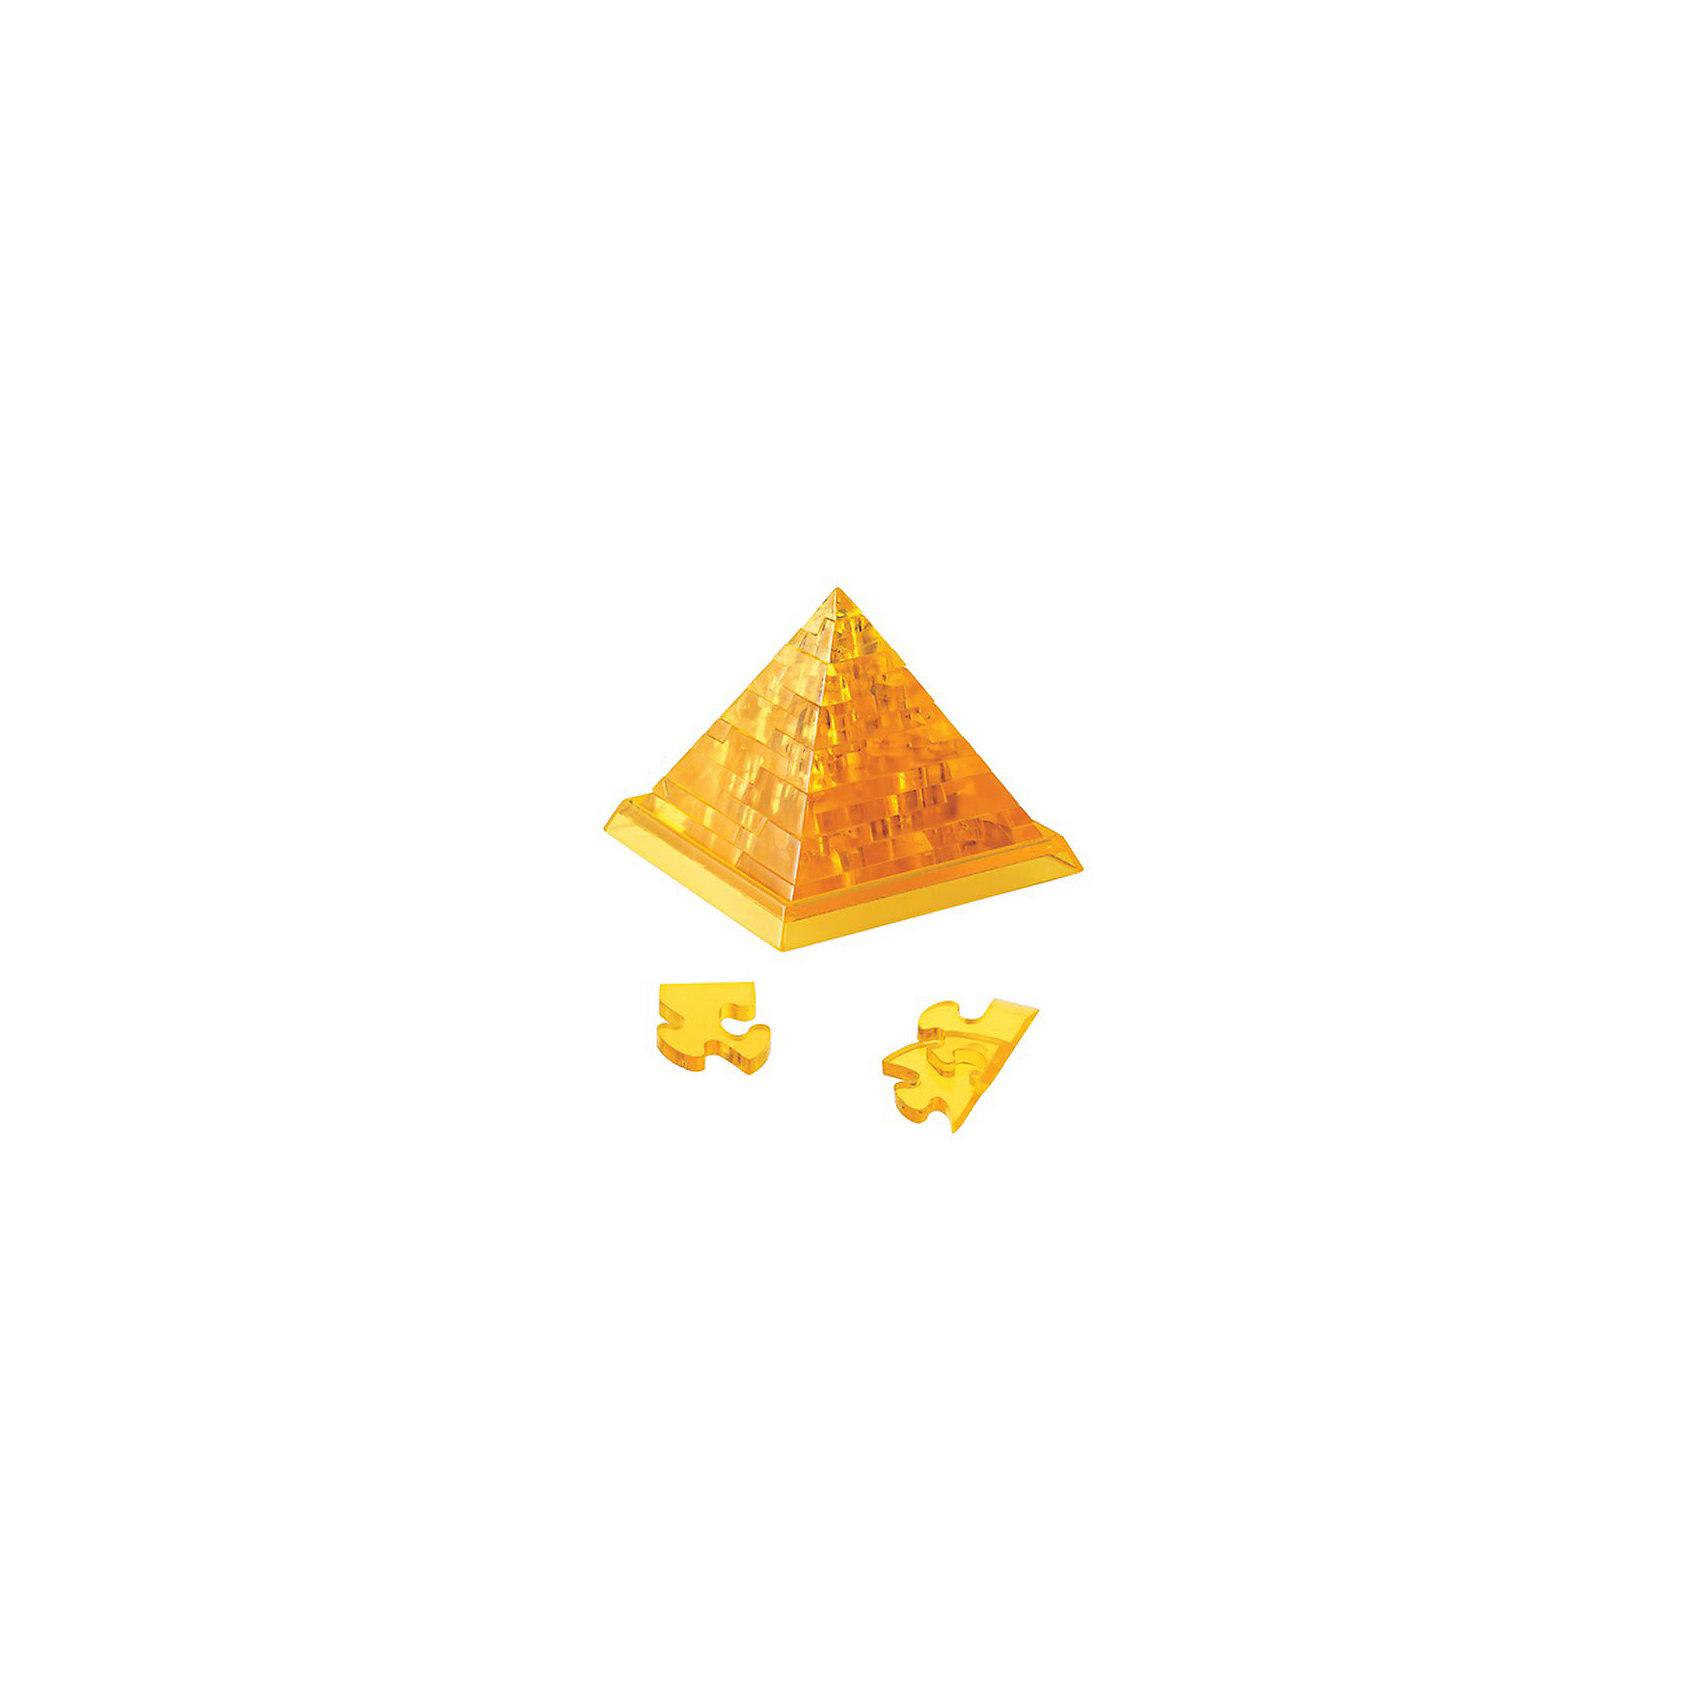 Кристаллический пазл 3D Пирамида L, CreativeStudio3D пазлы<br>Объемные головоломки воплощают в себе удачное сочетание тренажера для ума и приятного подарка близким, ведь процесс сборки 3D пазлов развивает пространственное мышление, память, логику и внимательность, а полученную в результате вещицу можно преподнести в качестве небольшого сувенира.<br><br>Ширина мм: 180<br>Глубина мм: 40<br>Высота мм: 135<br>Вес г: 178<br>Возраст от месяцев: 36<br>Возраст до месяцев: 1188<br>Пол: Унисекс<br>Возраст: Детский<br>SKU: 3164122